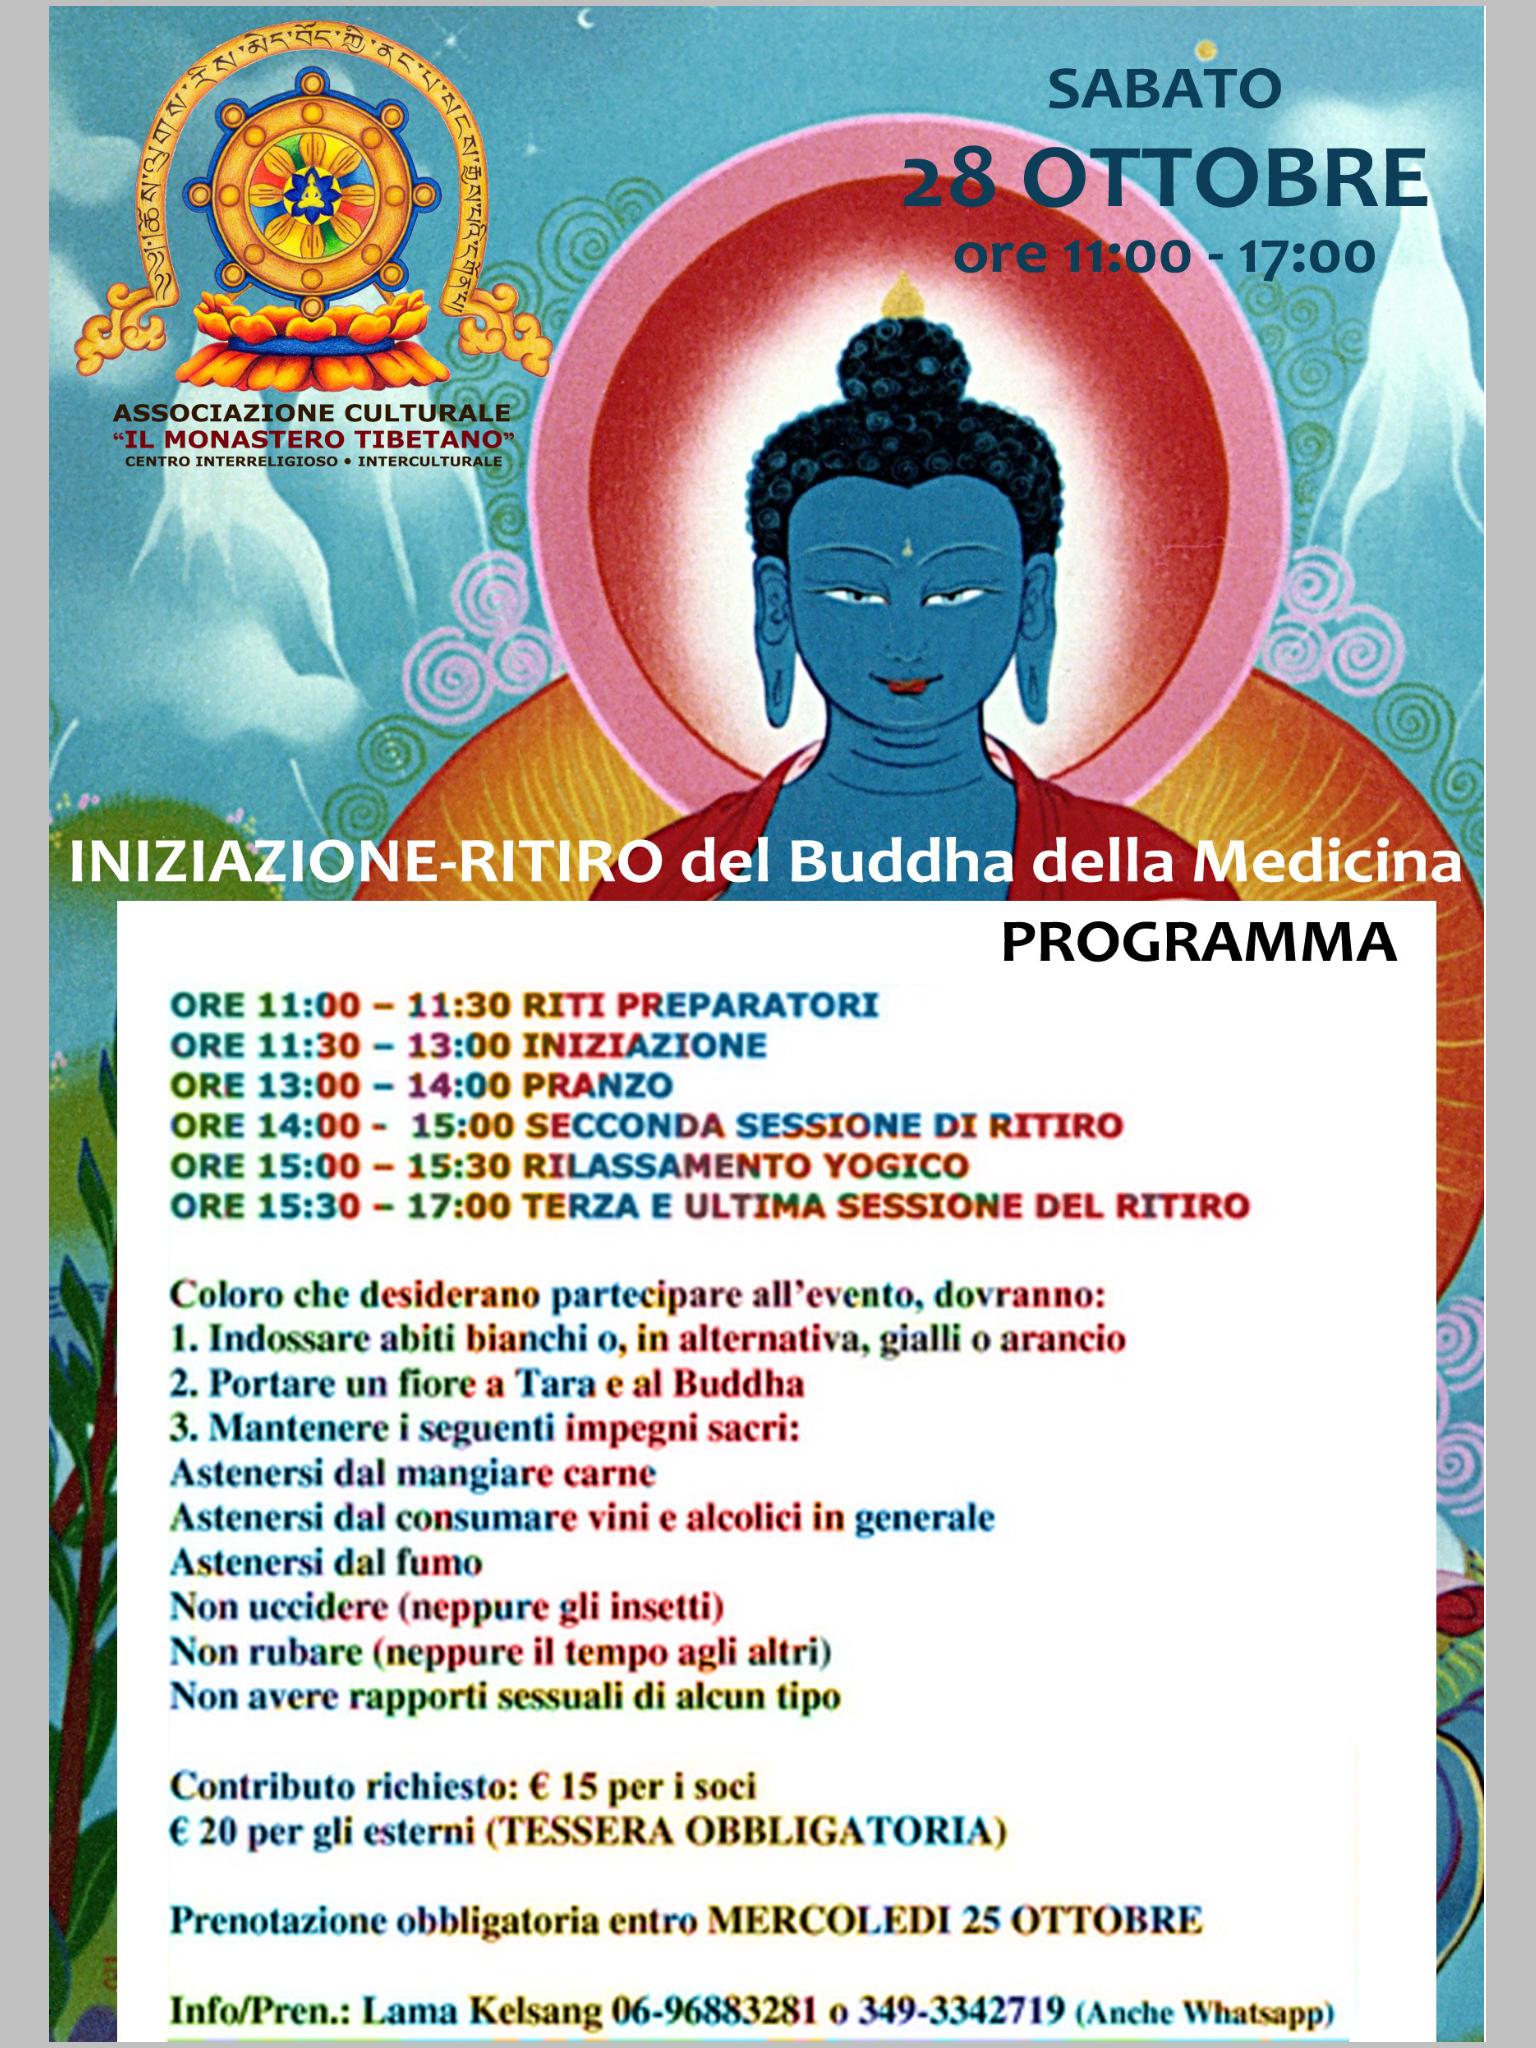 """""""Iniziazione e ritiro Buddha della Medicina"""" – Sabato 28 ottobre 2017"""